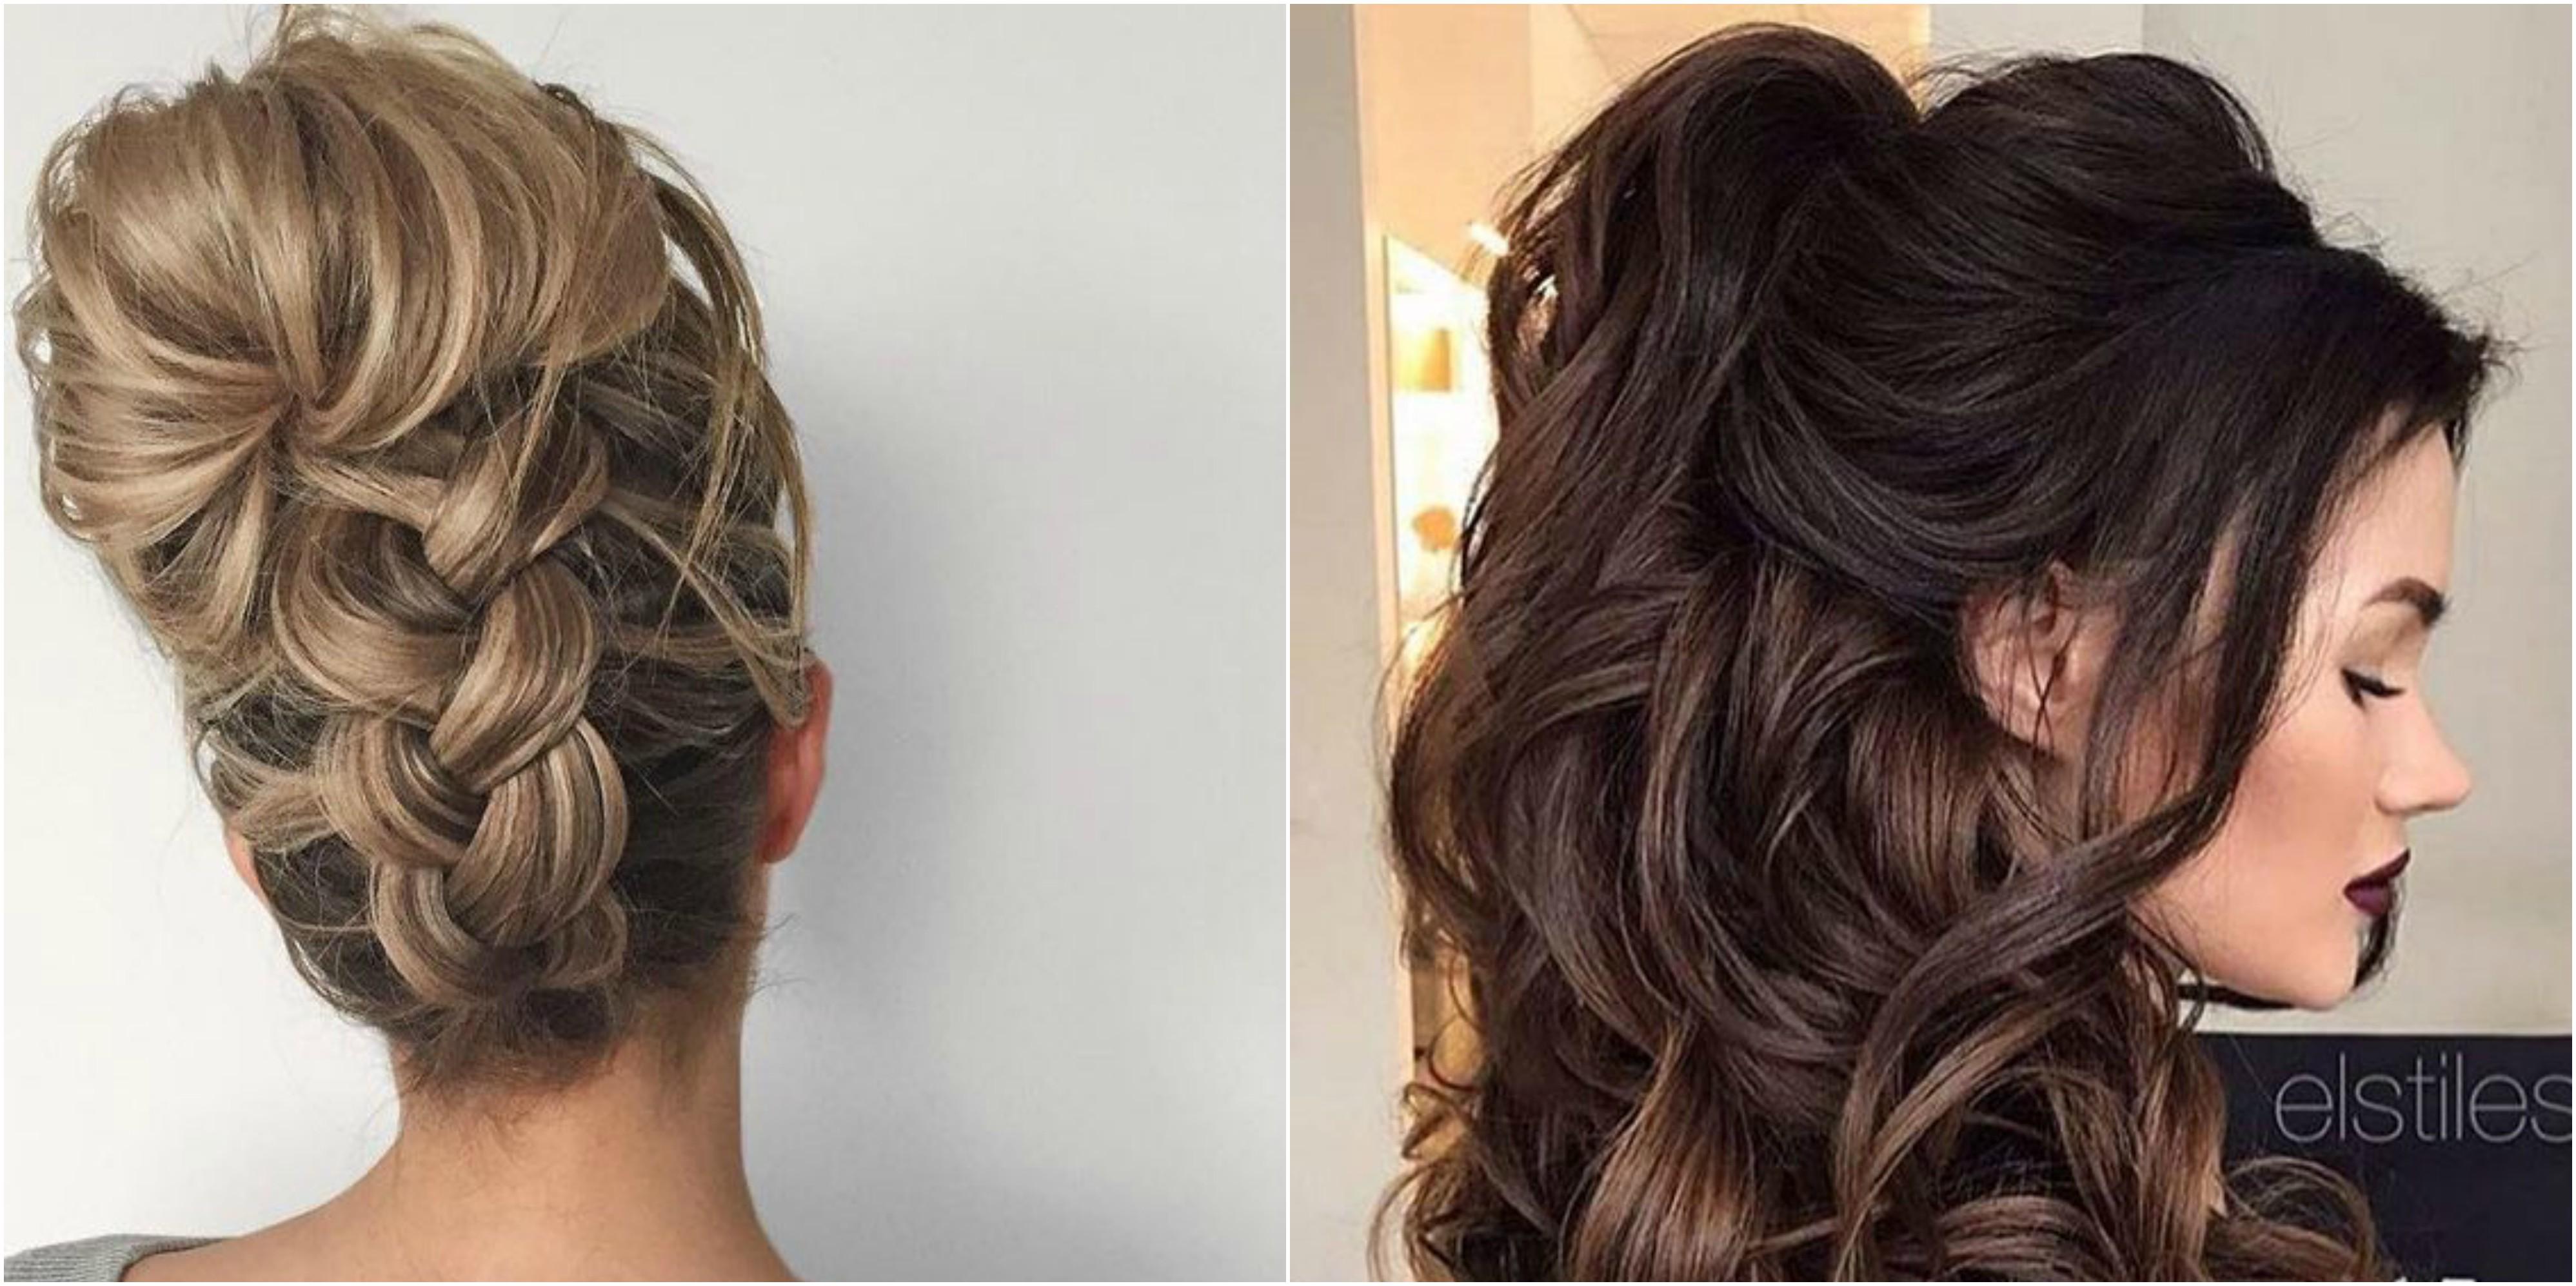 014ef38d60d5 Εντυπωσιακά Χτενίσματα για Μακριά Μαλλιά που πρέπει να δοκιμάσεις! - Eli.gr